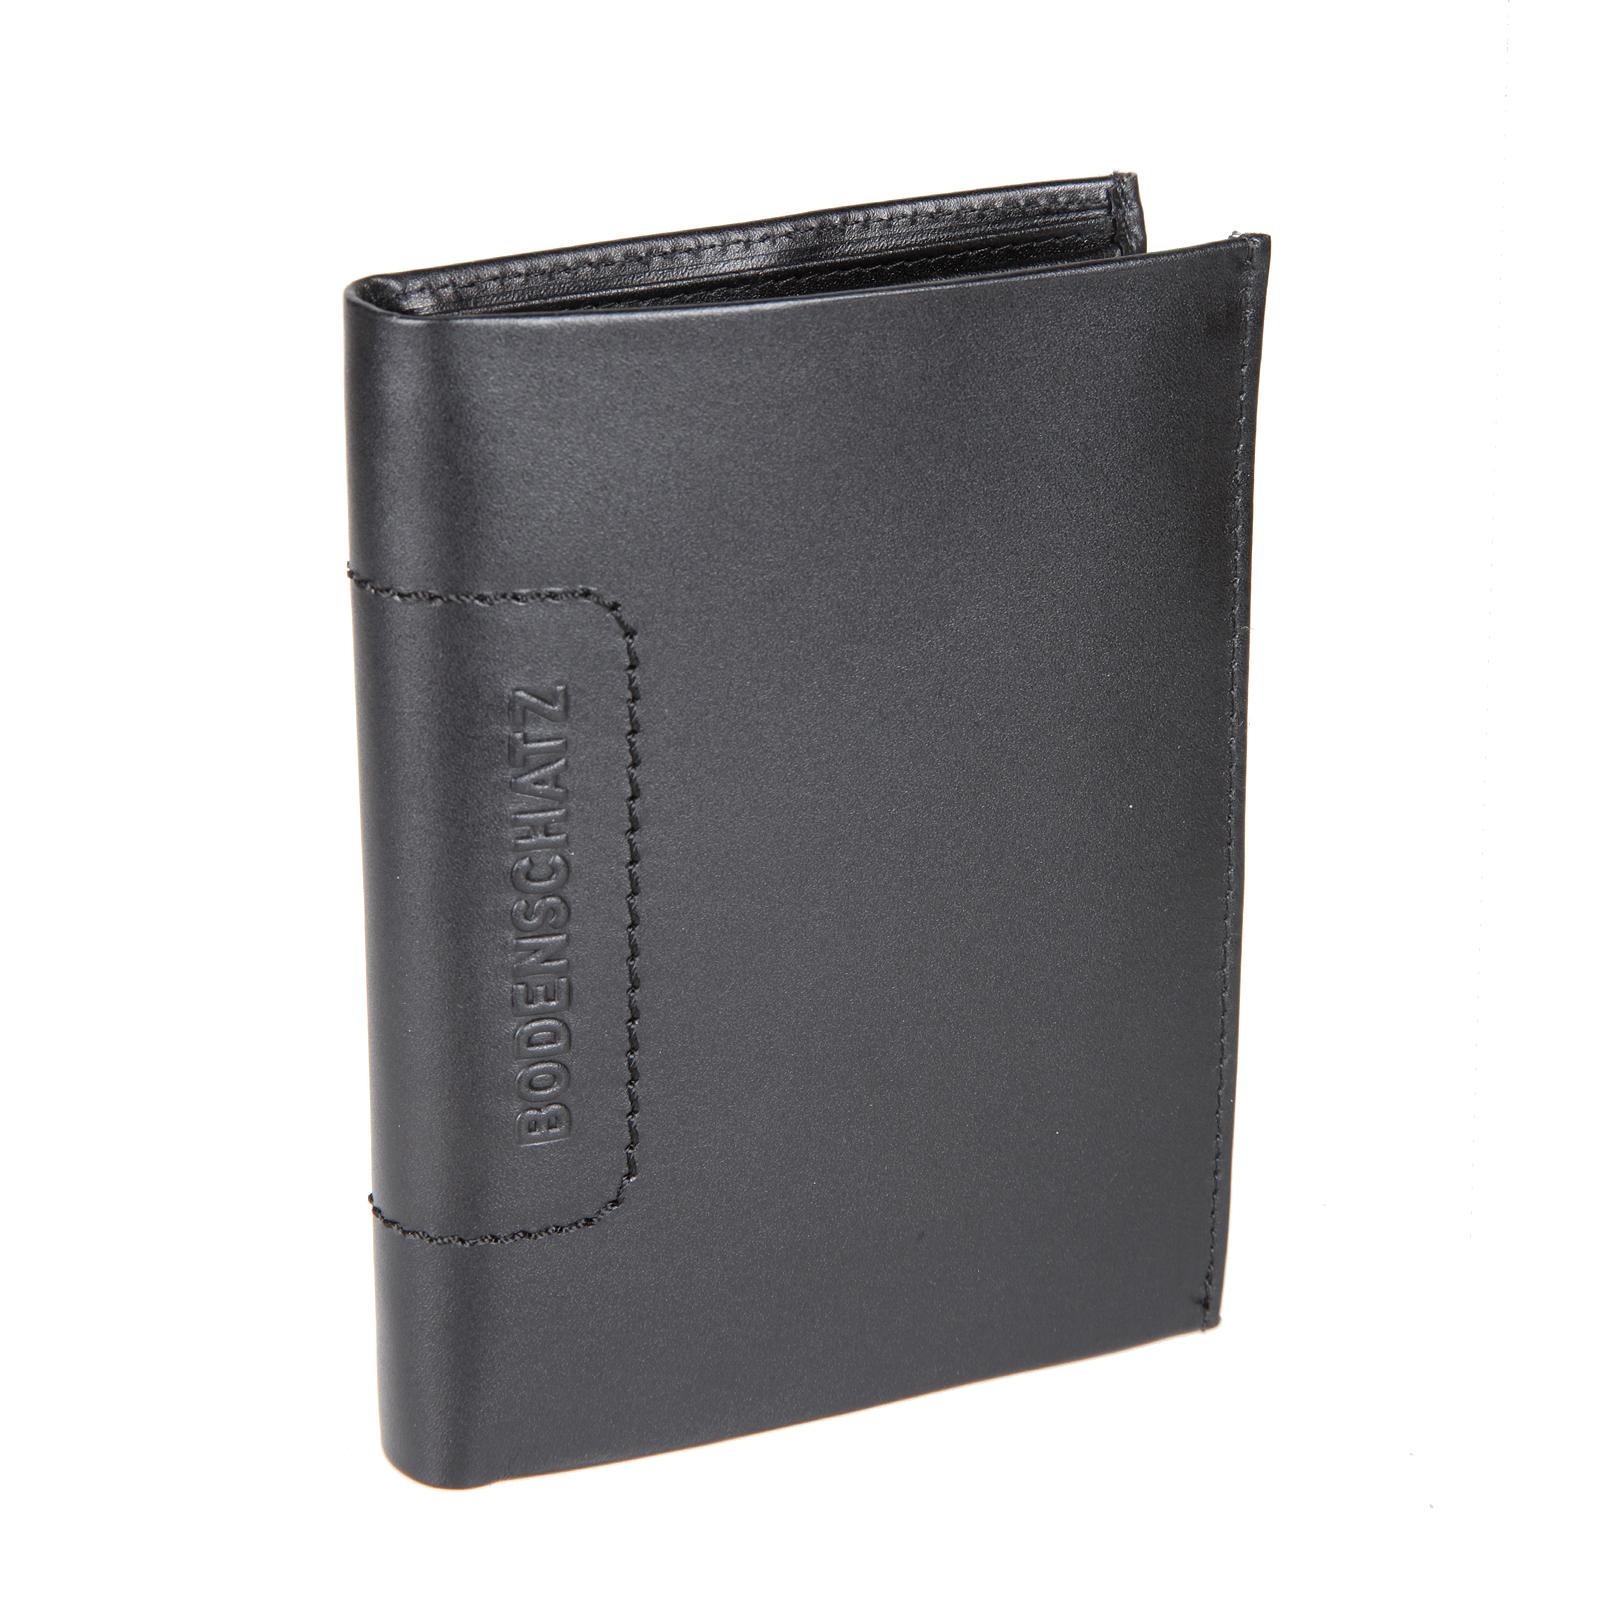 Портмоне мужское Bodenschatz, цвет: черный. 8-500495350нПортмоне мужское Bodenschatz выполнено из натуральной кожи. Модель раскладывается пополам, внутри два отдела для купюр, четыре потайных кармана, отделение для монет закрывается клапаном на кнопке, шесть кармашков для пластиковых карт (один из них сетчатый), один сетчатый карман для пропуска.